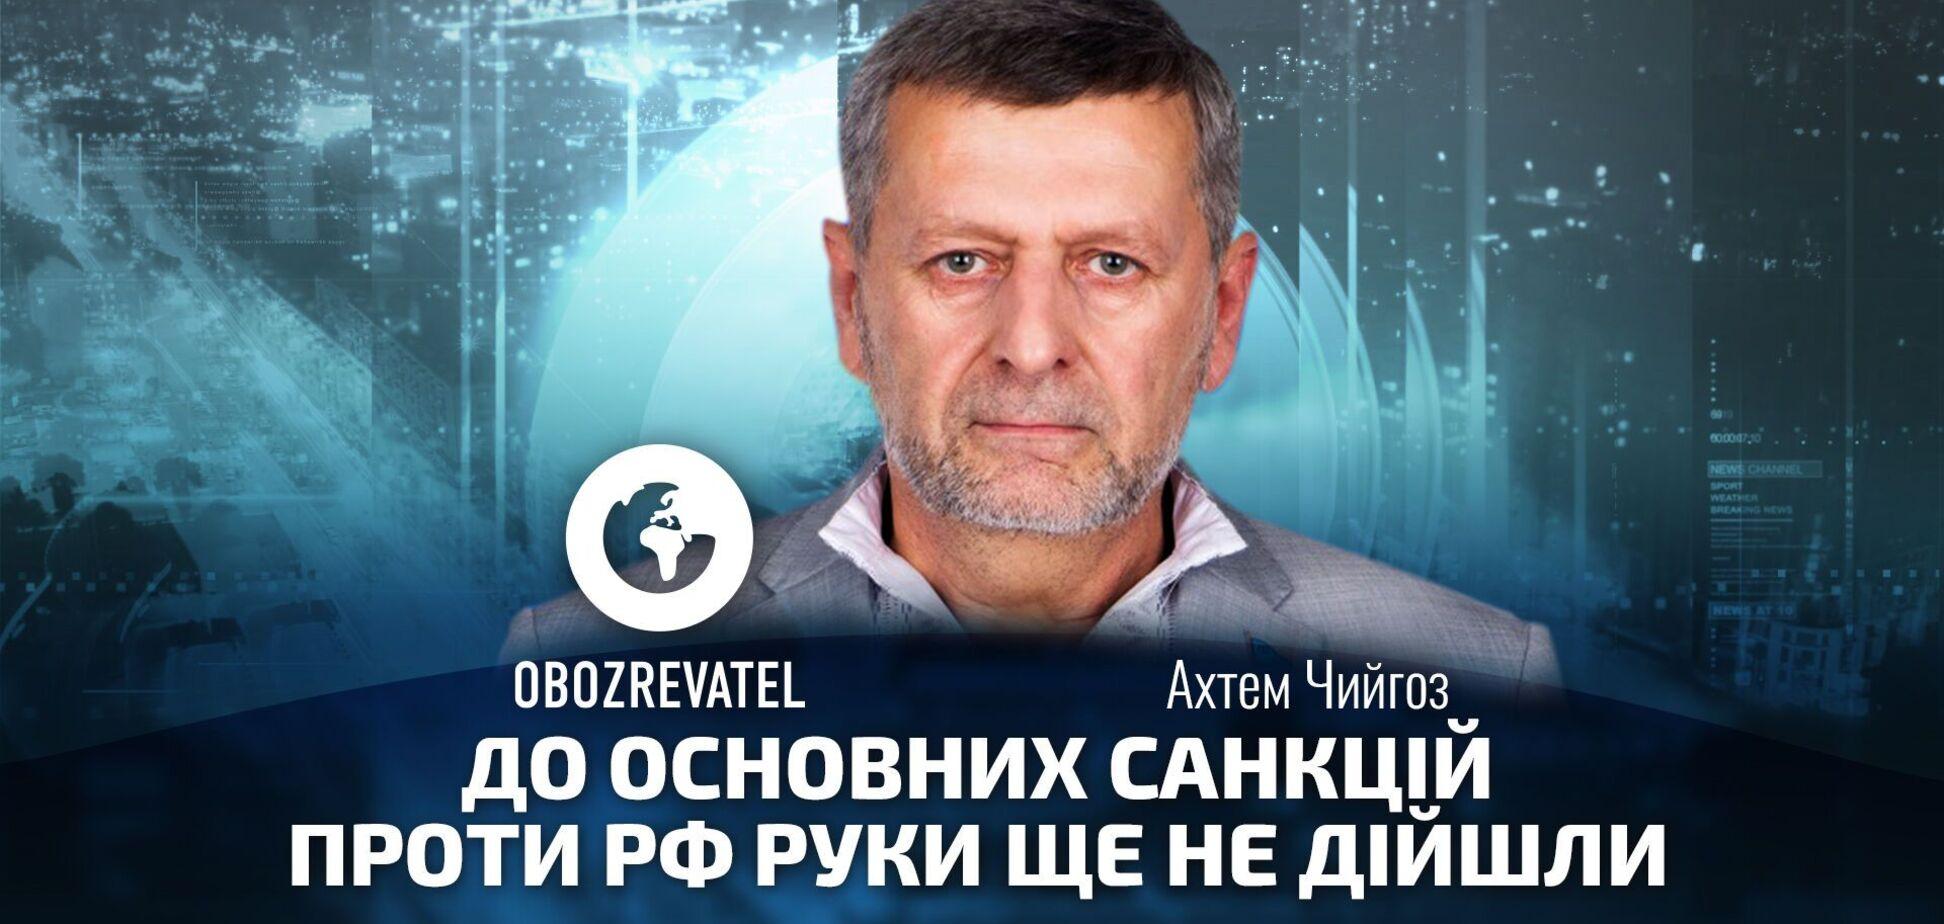 Чийгоз: головні санкції проти РФ ще попереду